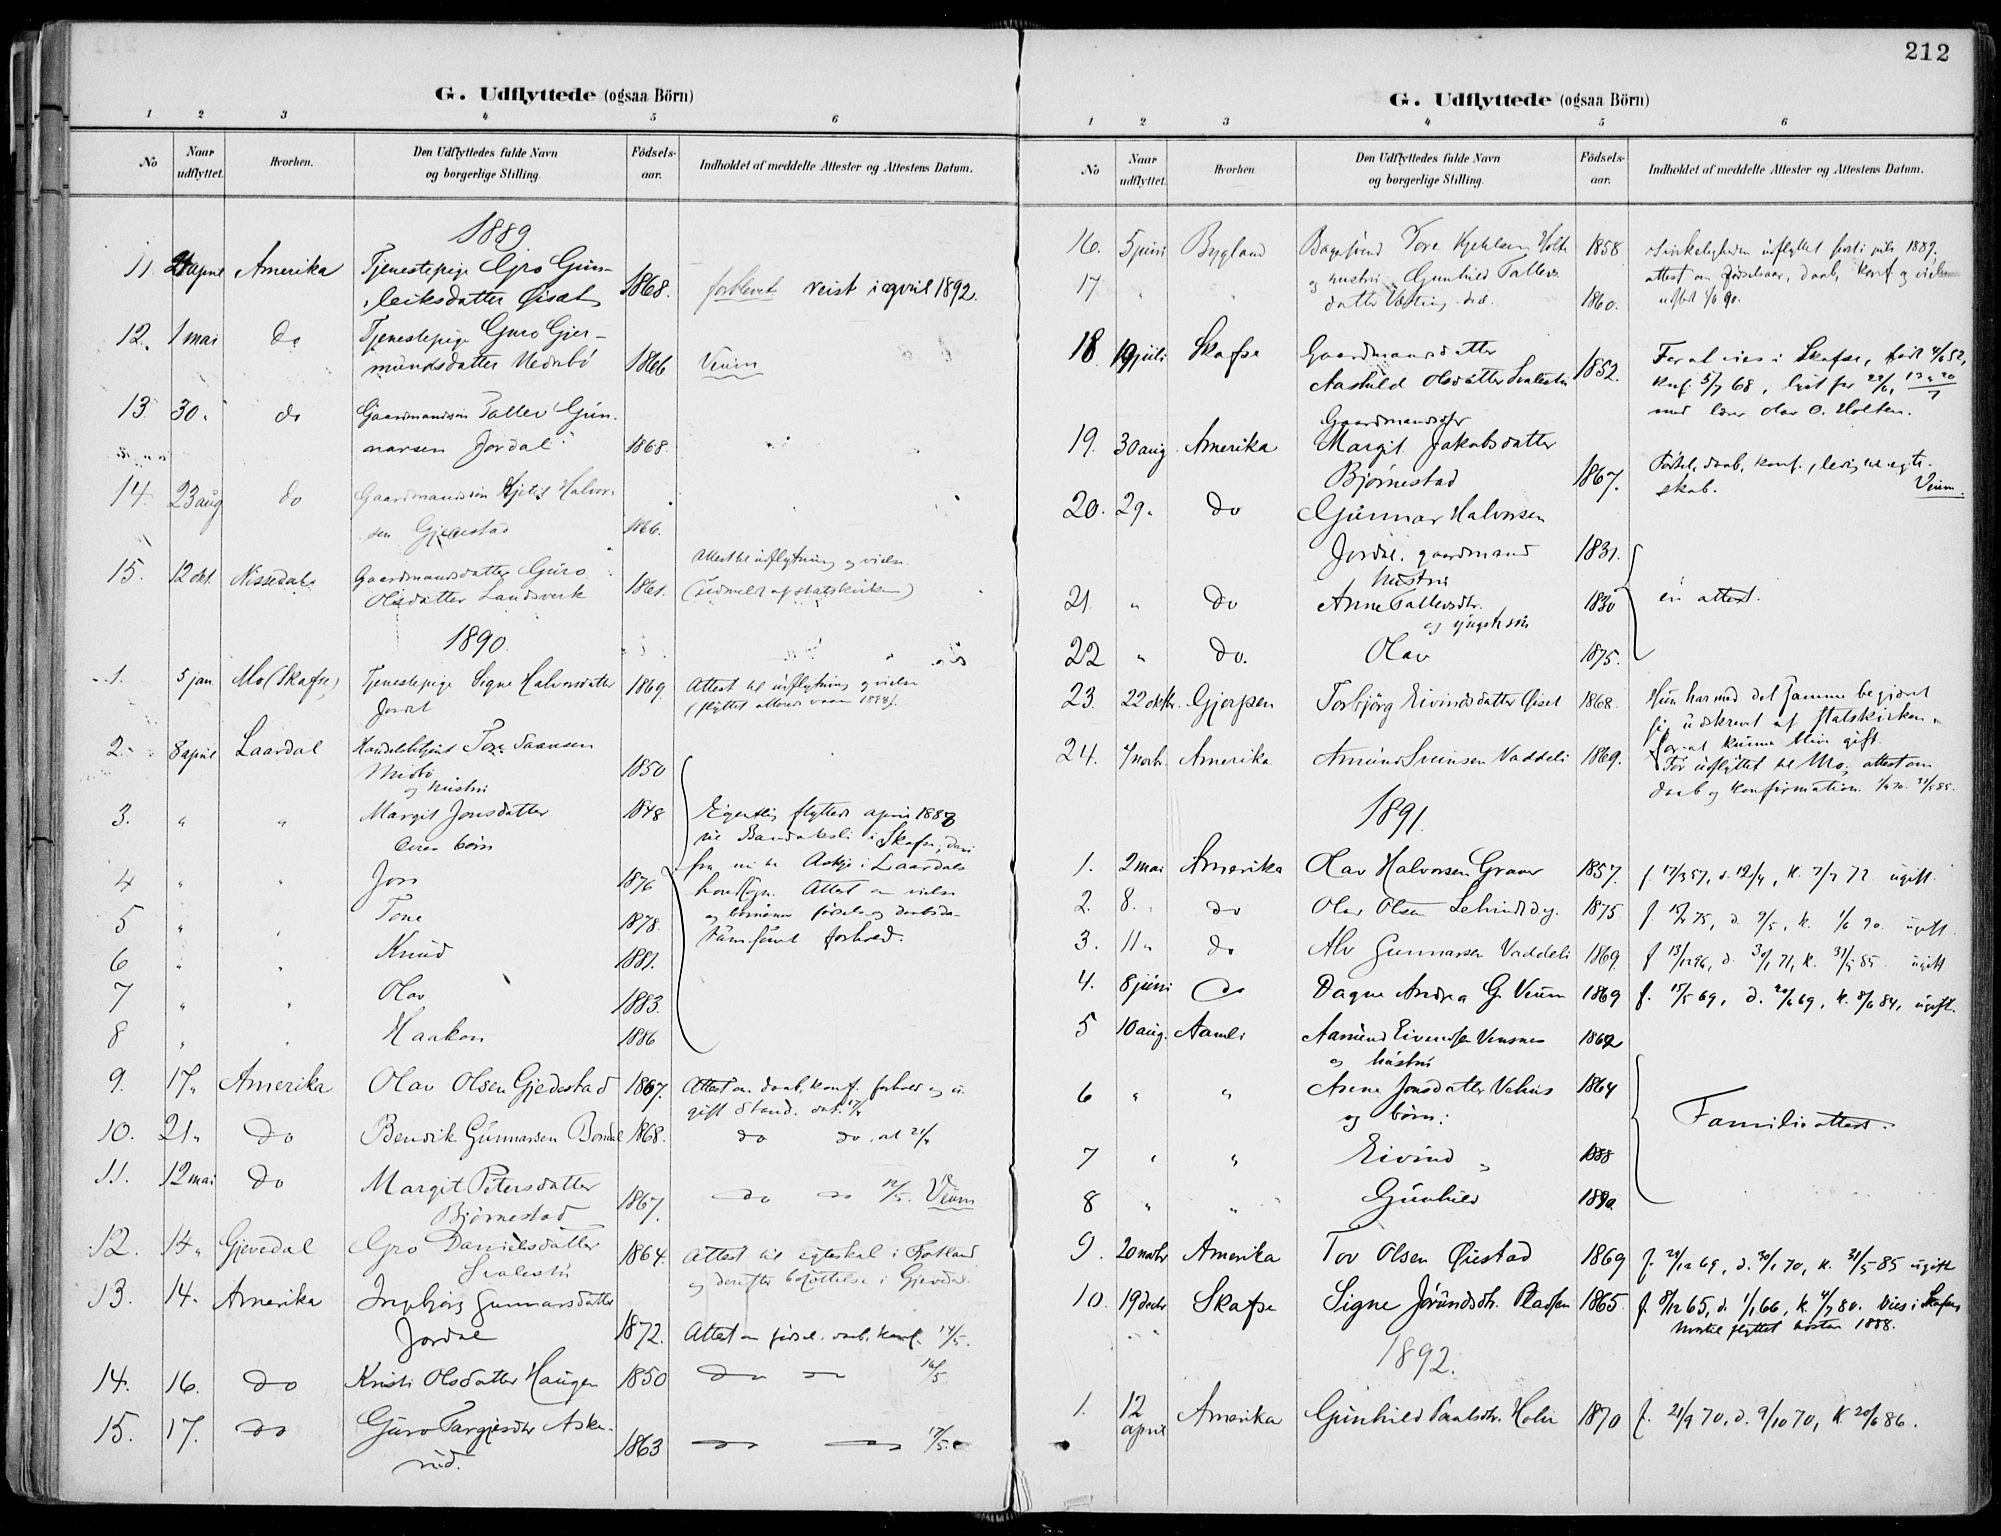 SAKO, Fyresdal kirkebøker, F/Fa/L0007: Ministerialbok nr. I 7, 1887-1914, s. 212